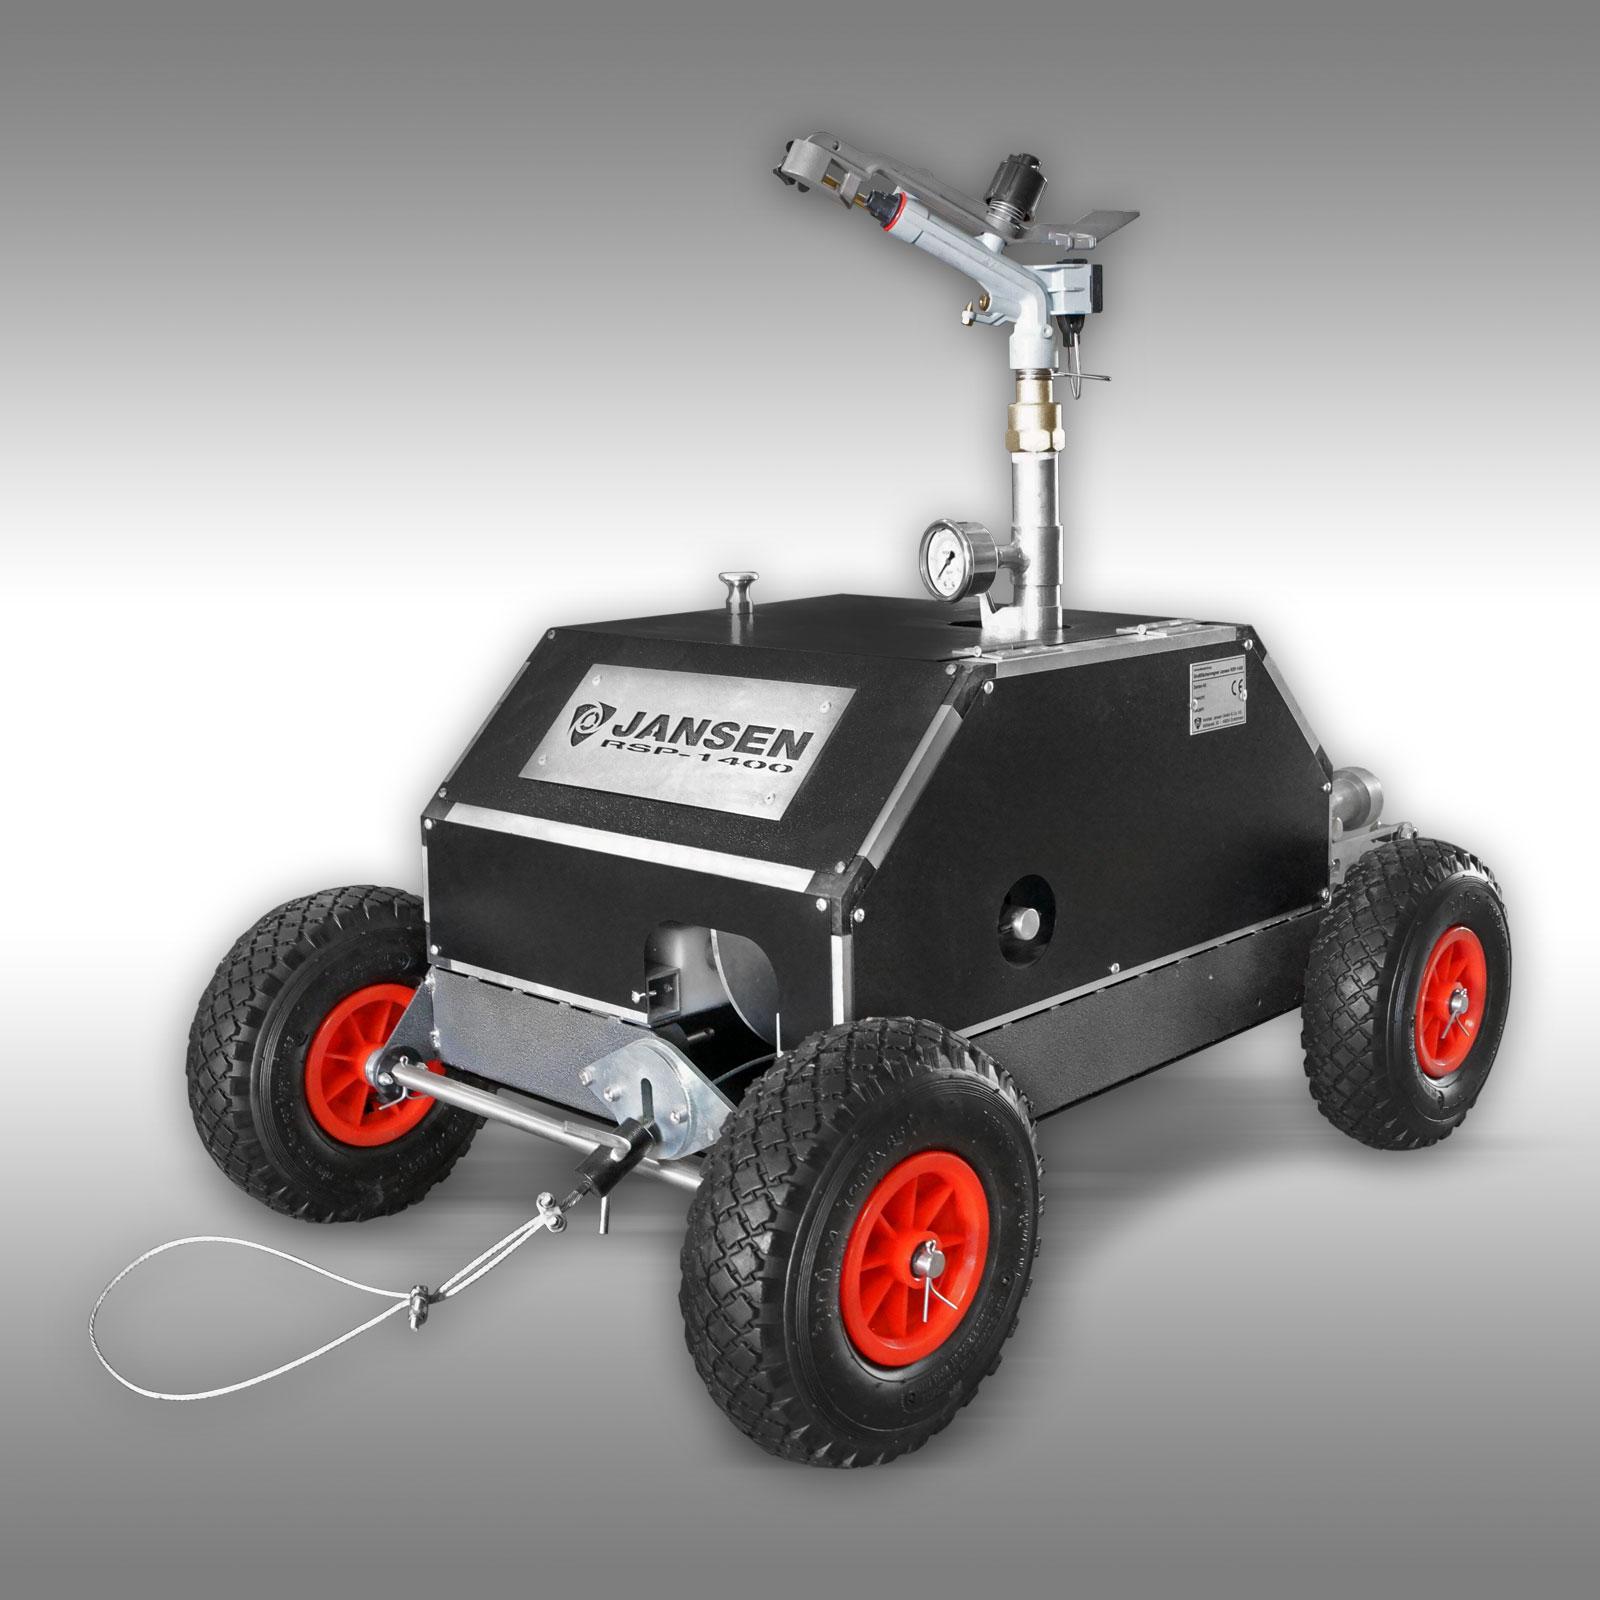 Beregenings installatie Jansen RSP-1400, sector- / rondsproeier, tuinsproeier